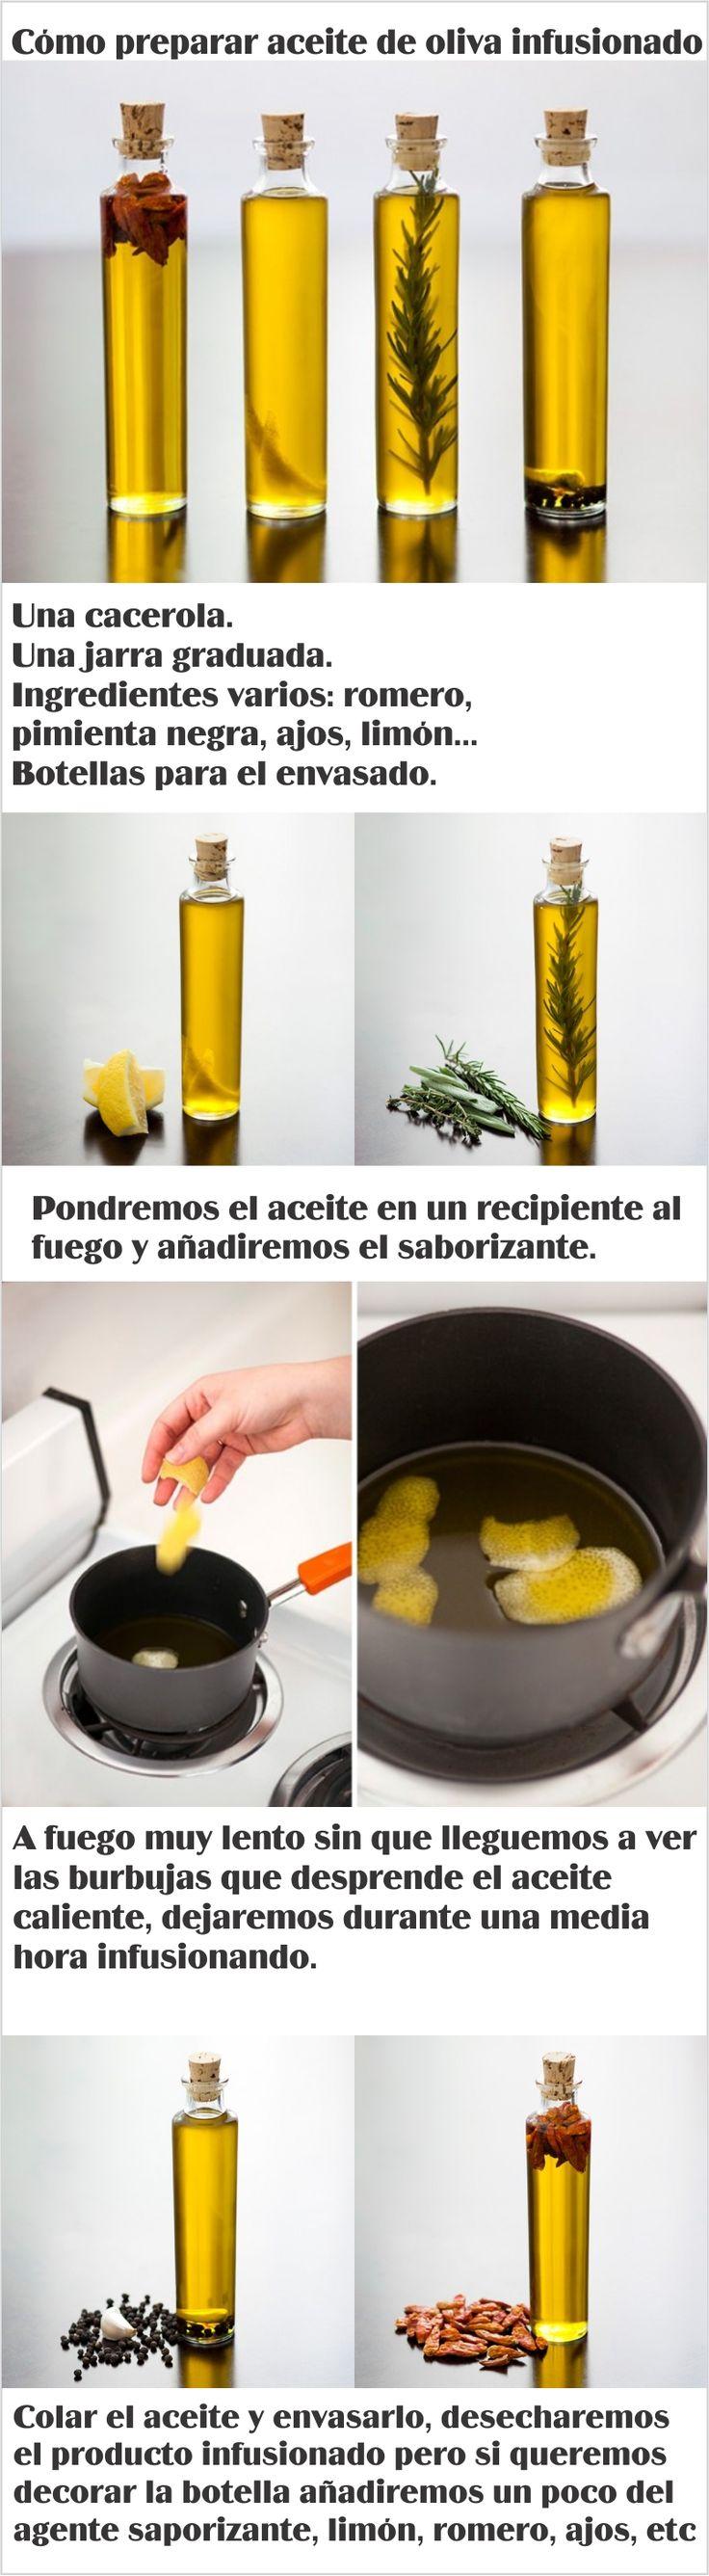 Como preparar aceite infusionado para mejorar tus recetas.